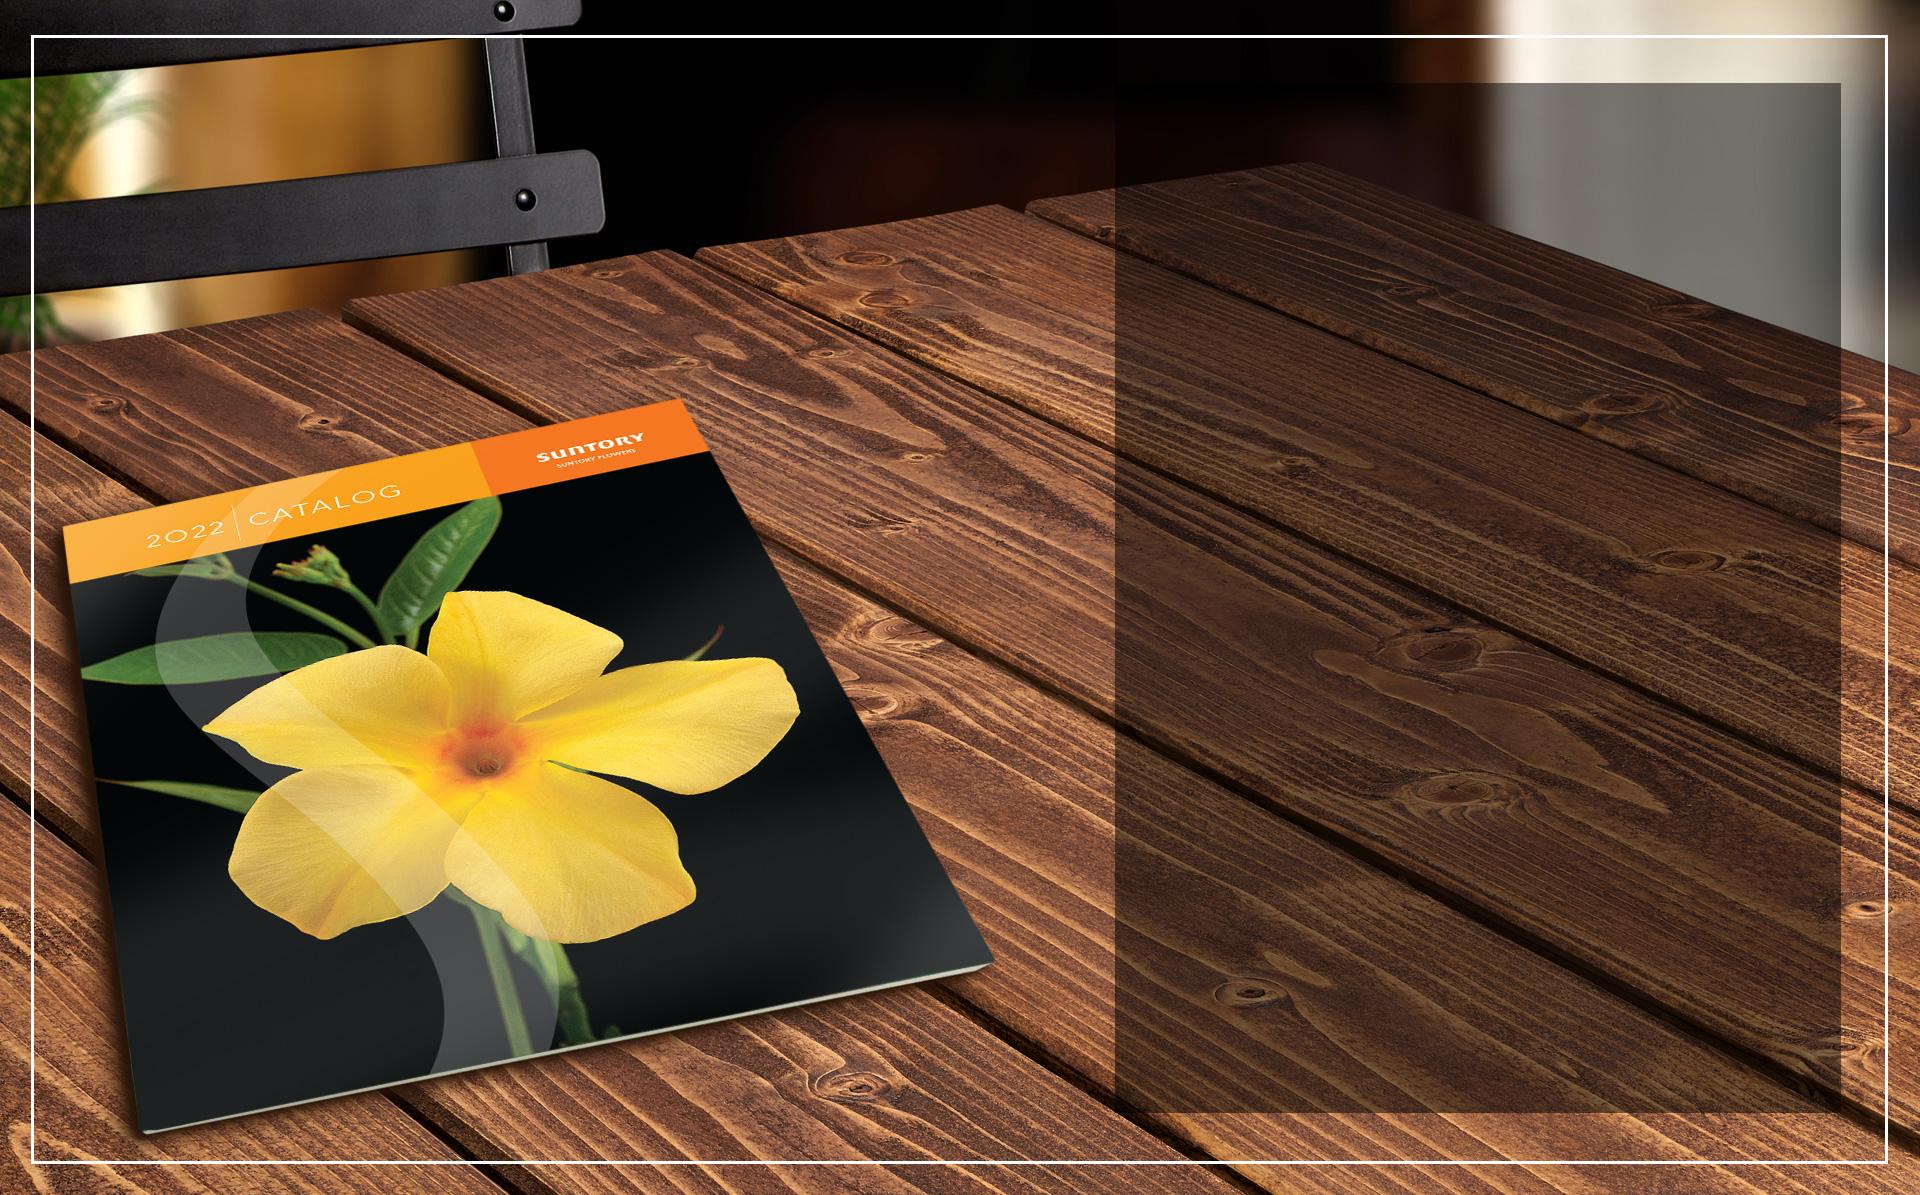 Suntory flower source book